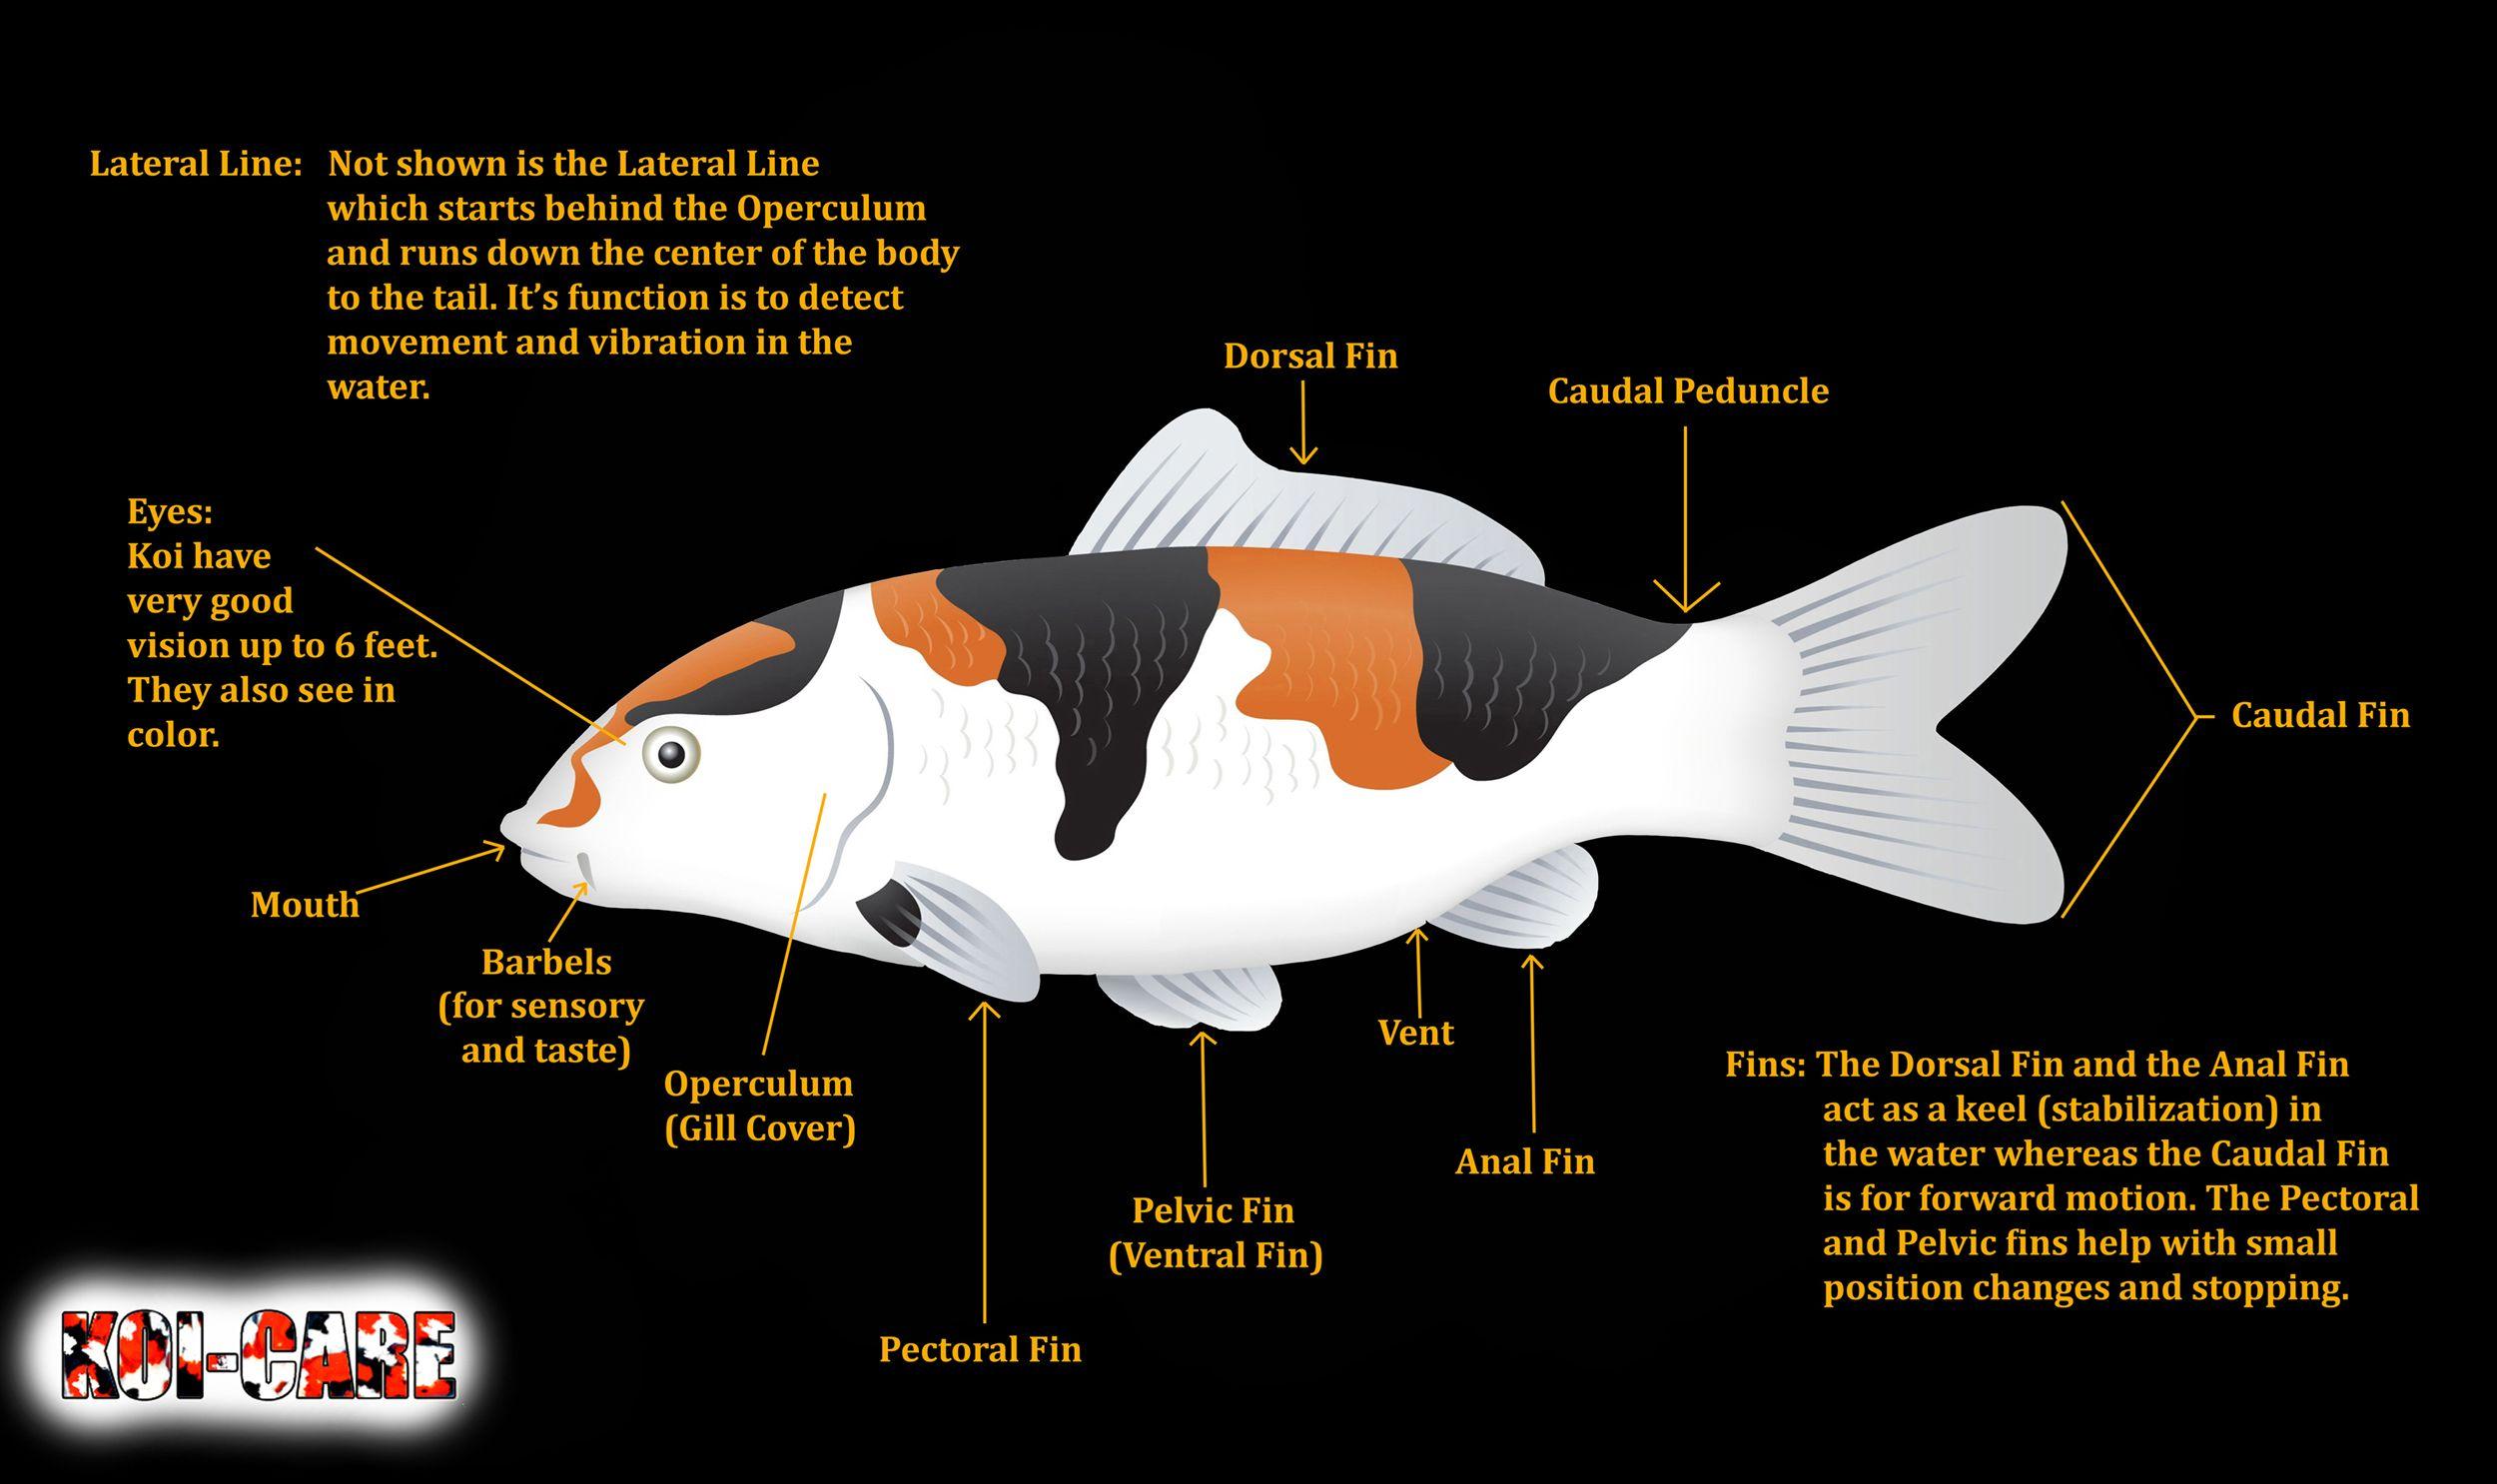 koi fish skeleton anatomy diagram koi fish external anatomy diagram  [ 2500 x 1486 Pixel ]